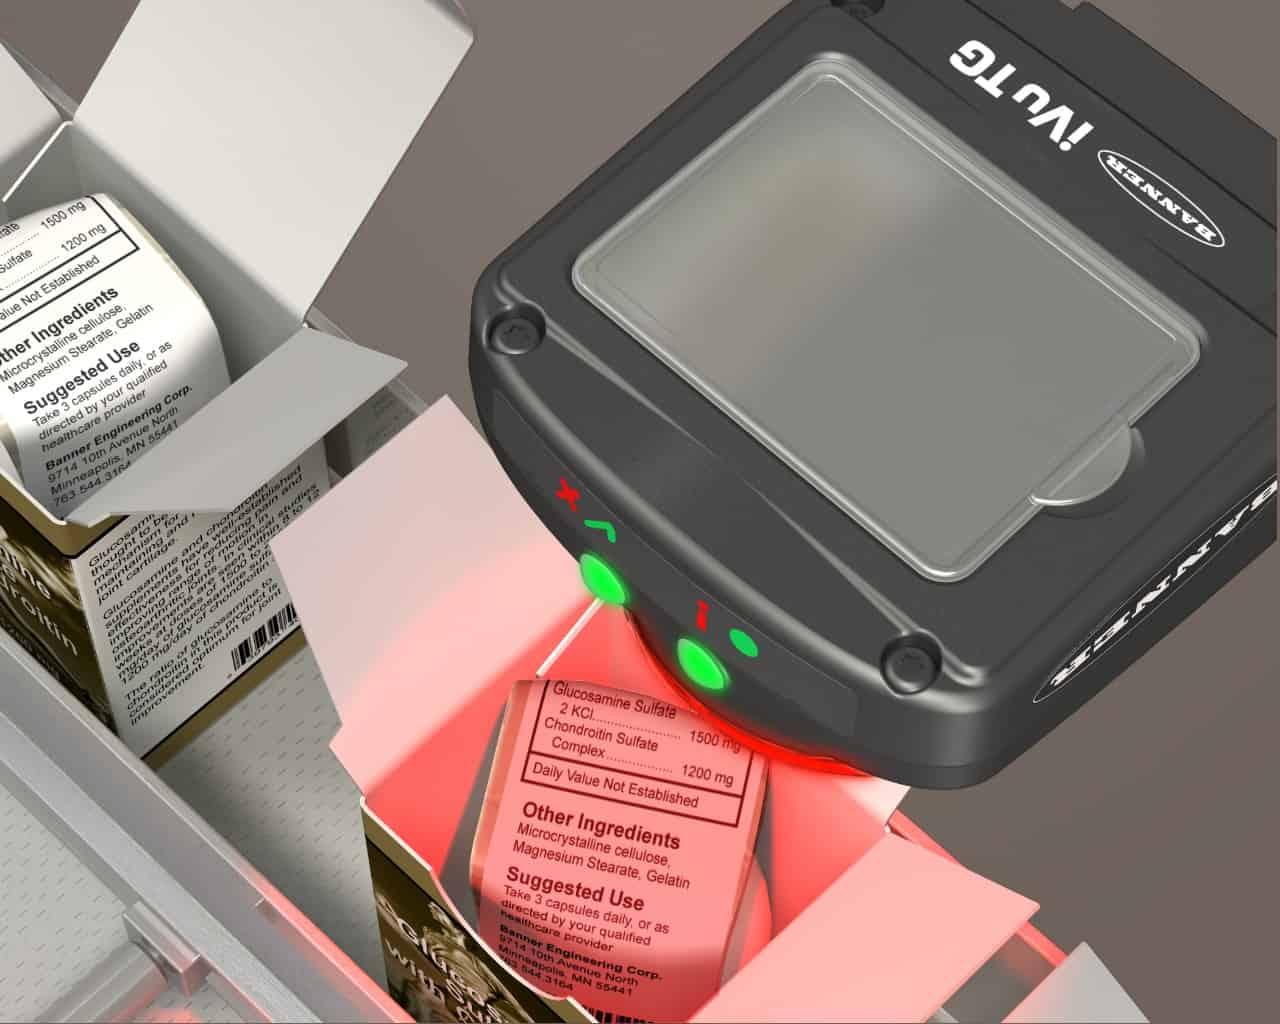 กล้องตรวจสอบสินค้า เช็คความผิดปกติในกล่อง